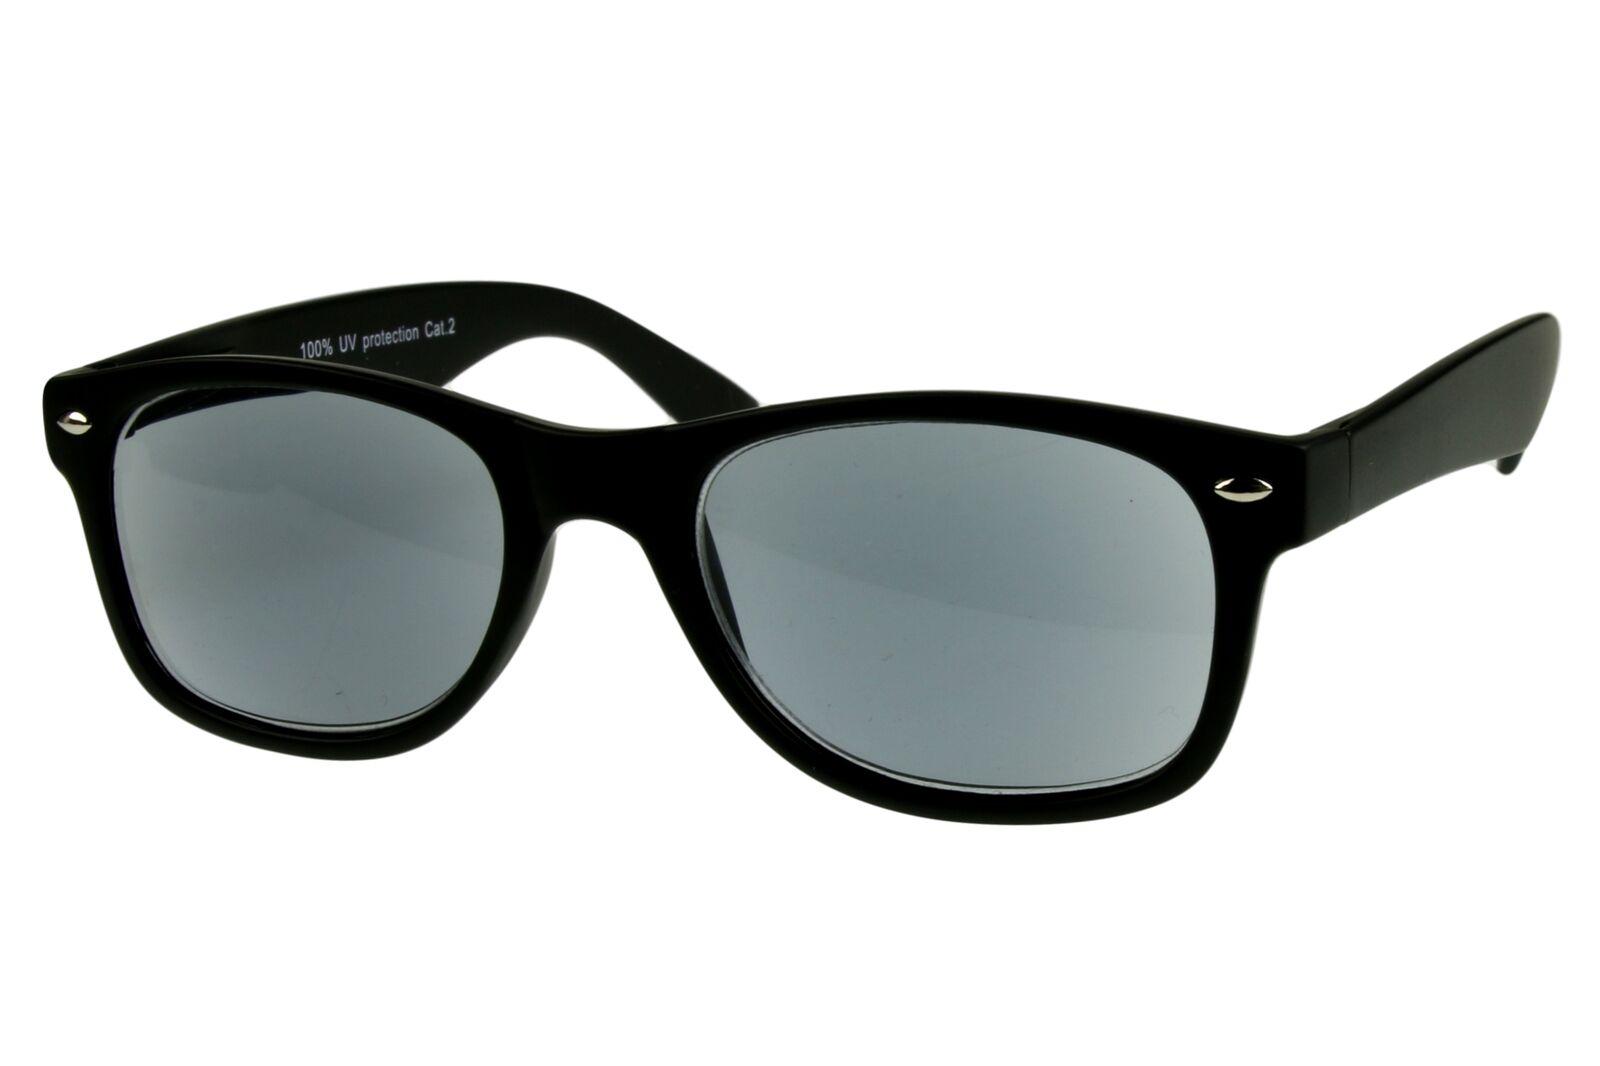 Lesesonnenbrille alle Dioptrien für Damen Herren schwarz mit Federbügel